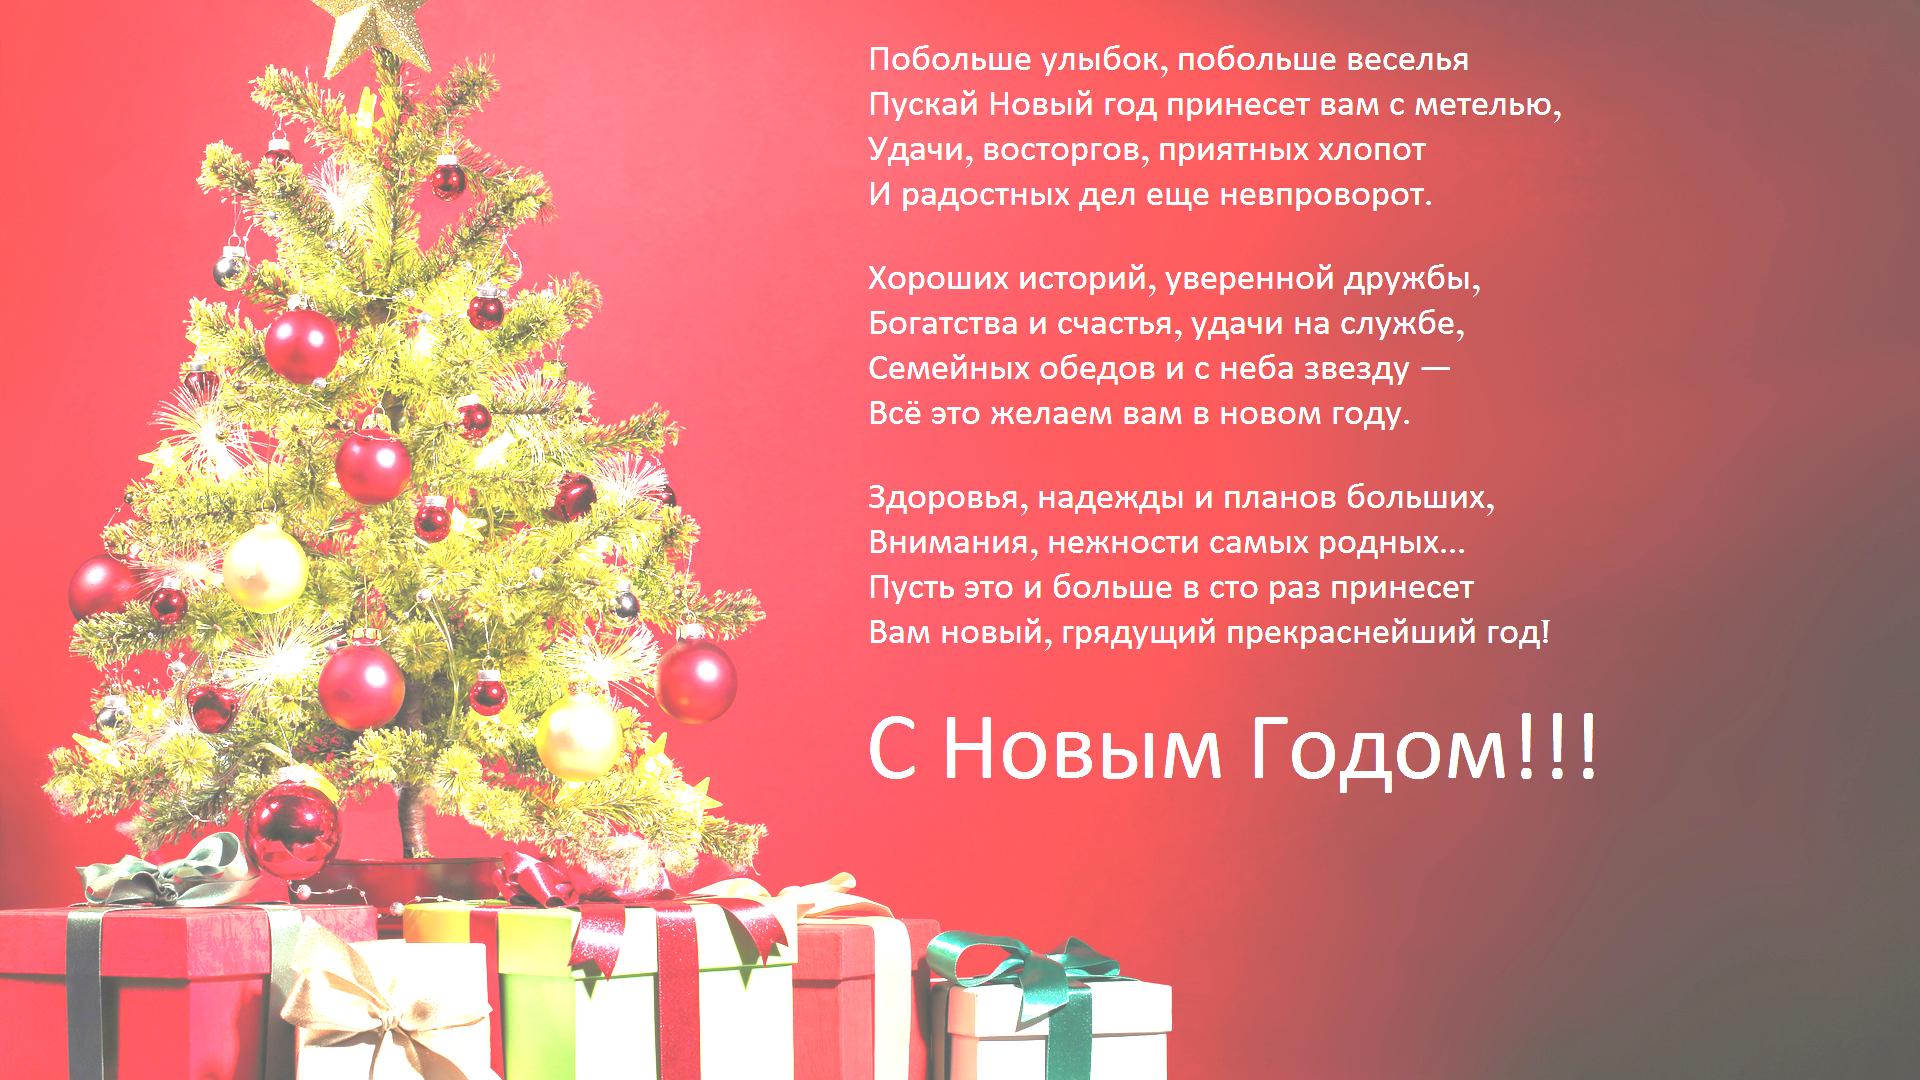 Конкурс на новогодне поздравление